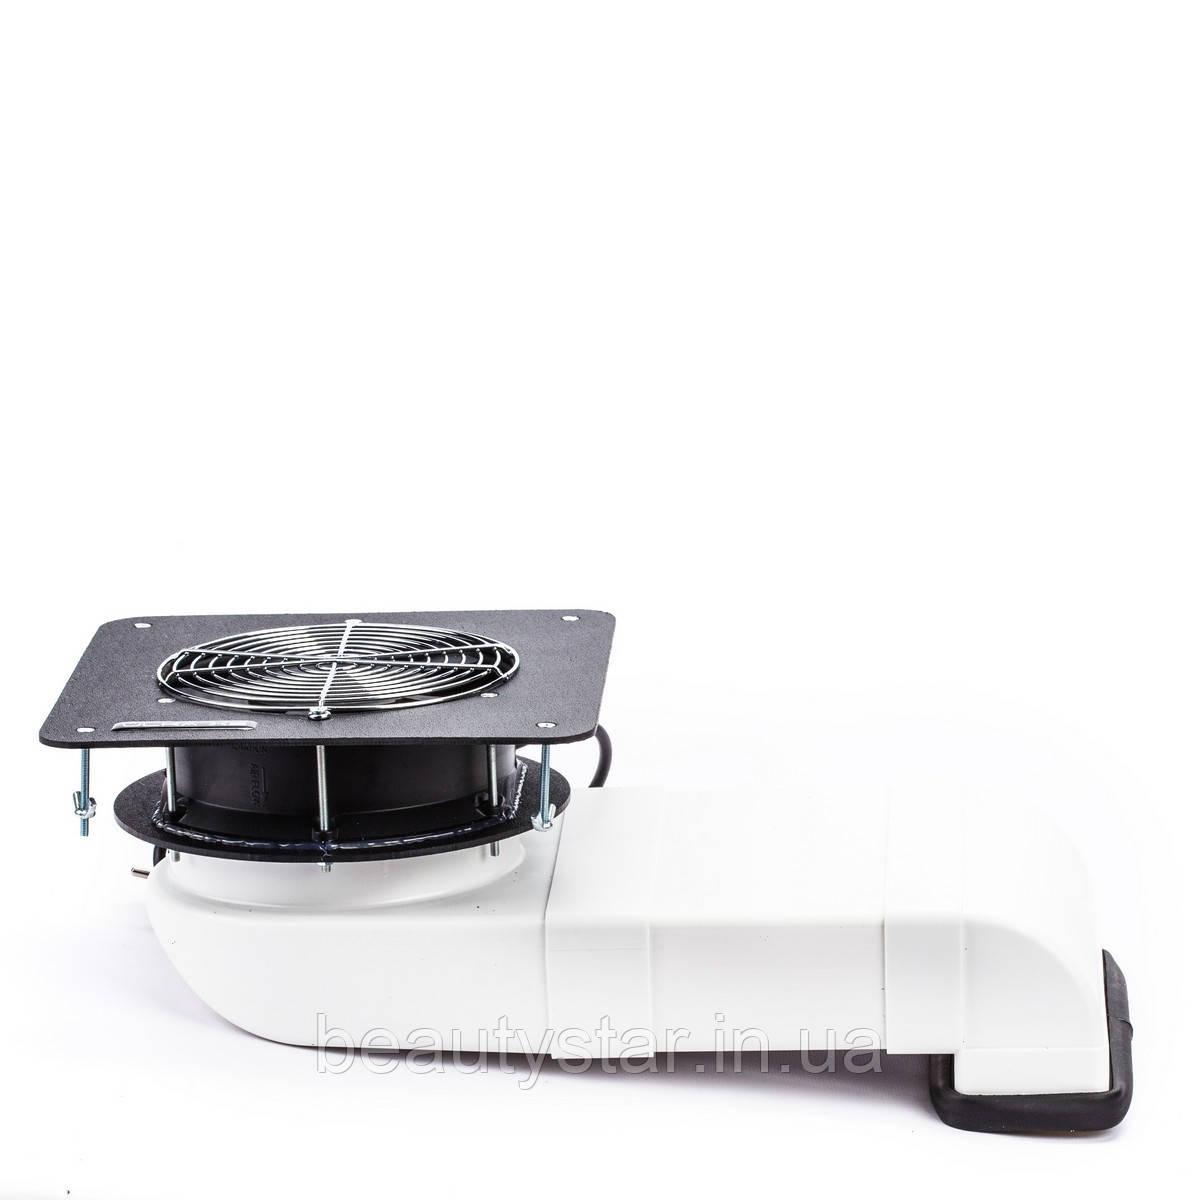 Вбудована витяжка для манікюрного столу пилосос для нігтьової пилу ÜLKA Х2V